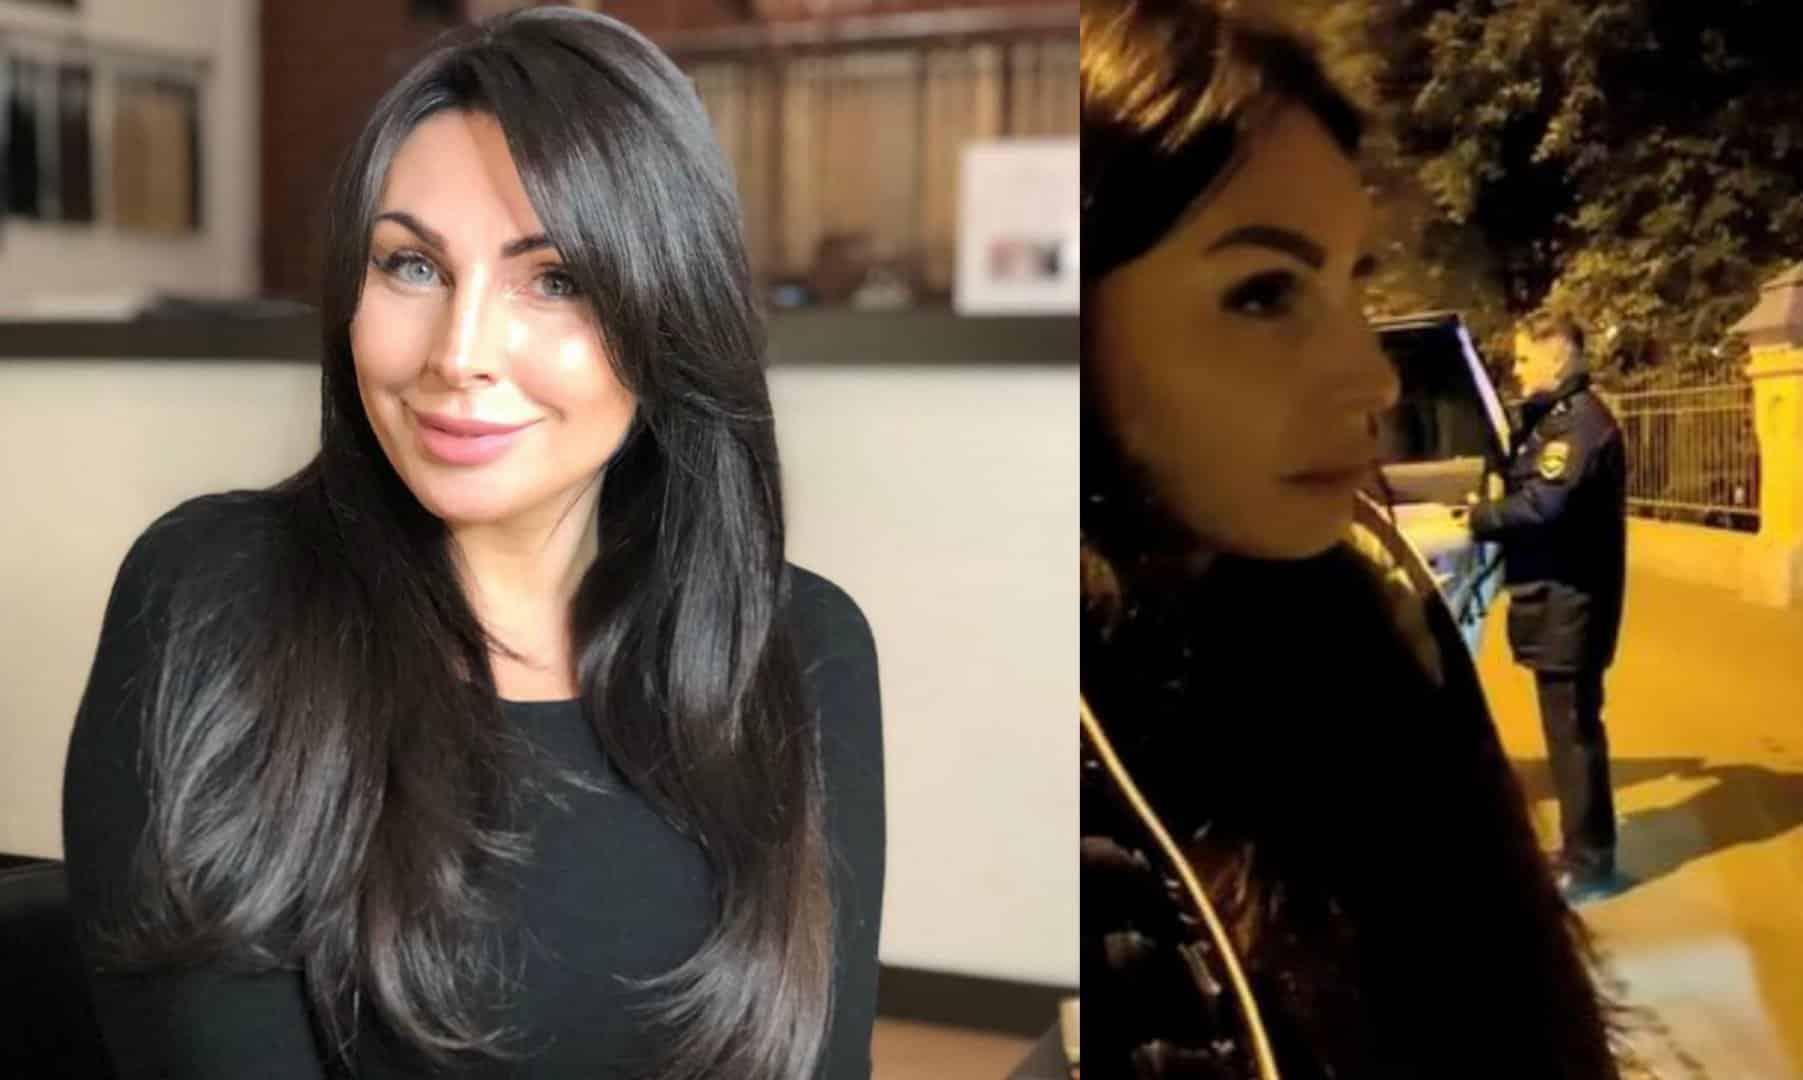 Наталья Бочкарева задержана за наркотики: кто поставлял, что будет с Натальей Бочкаревой